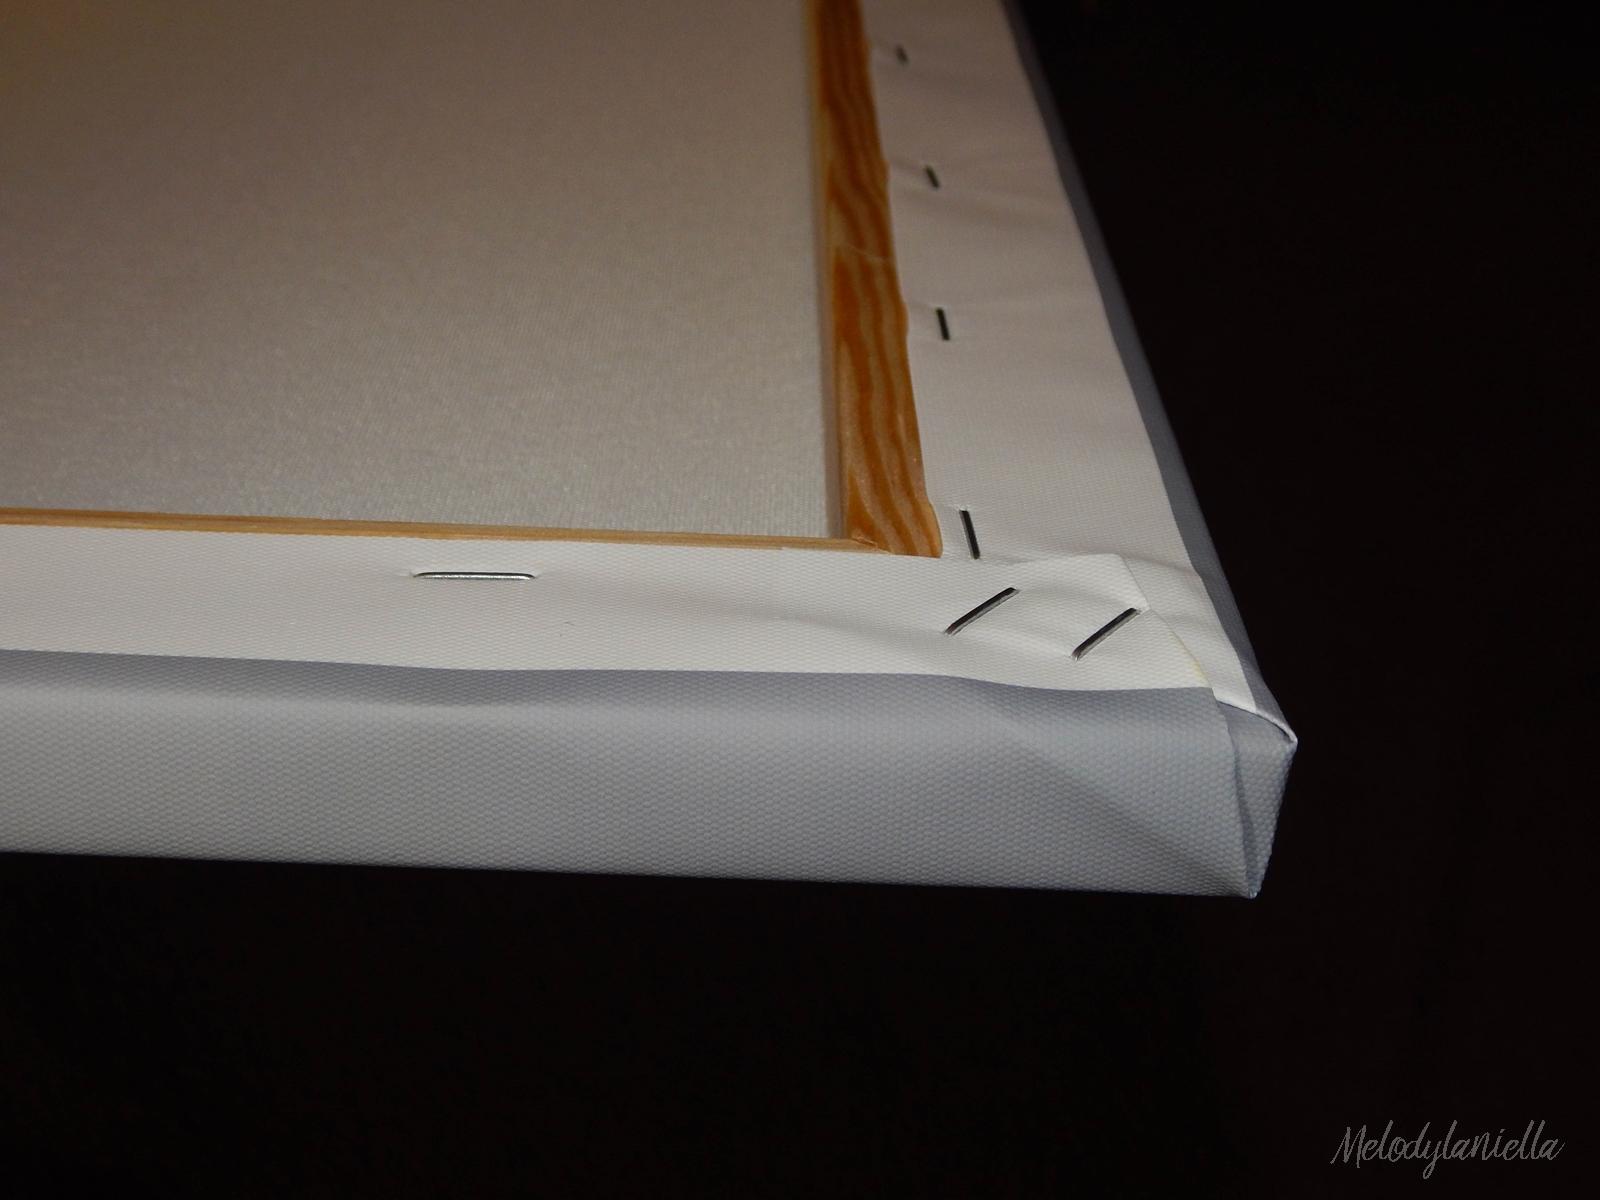 fotoobraz dekoracja do salonu pokoj wystroj wnetrz fotoobraz na plotnie melodylaniella foto4u sosnowa rama